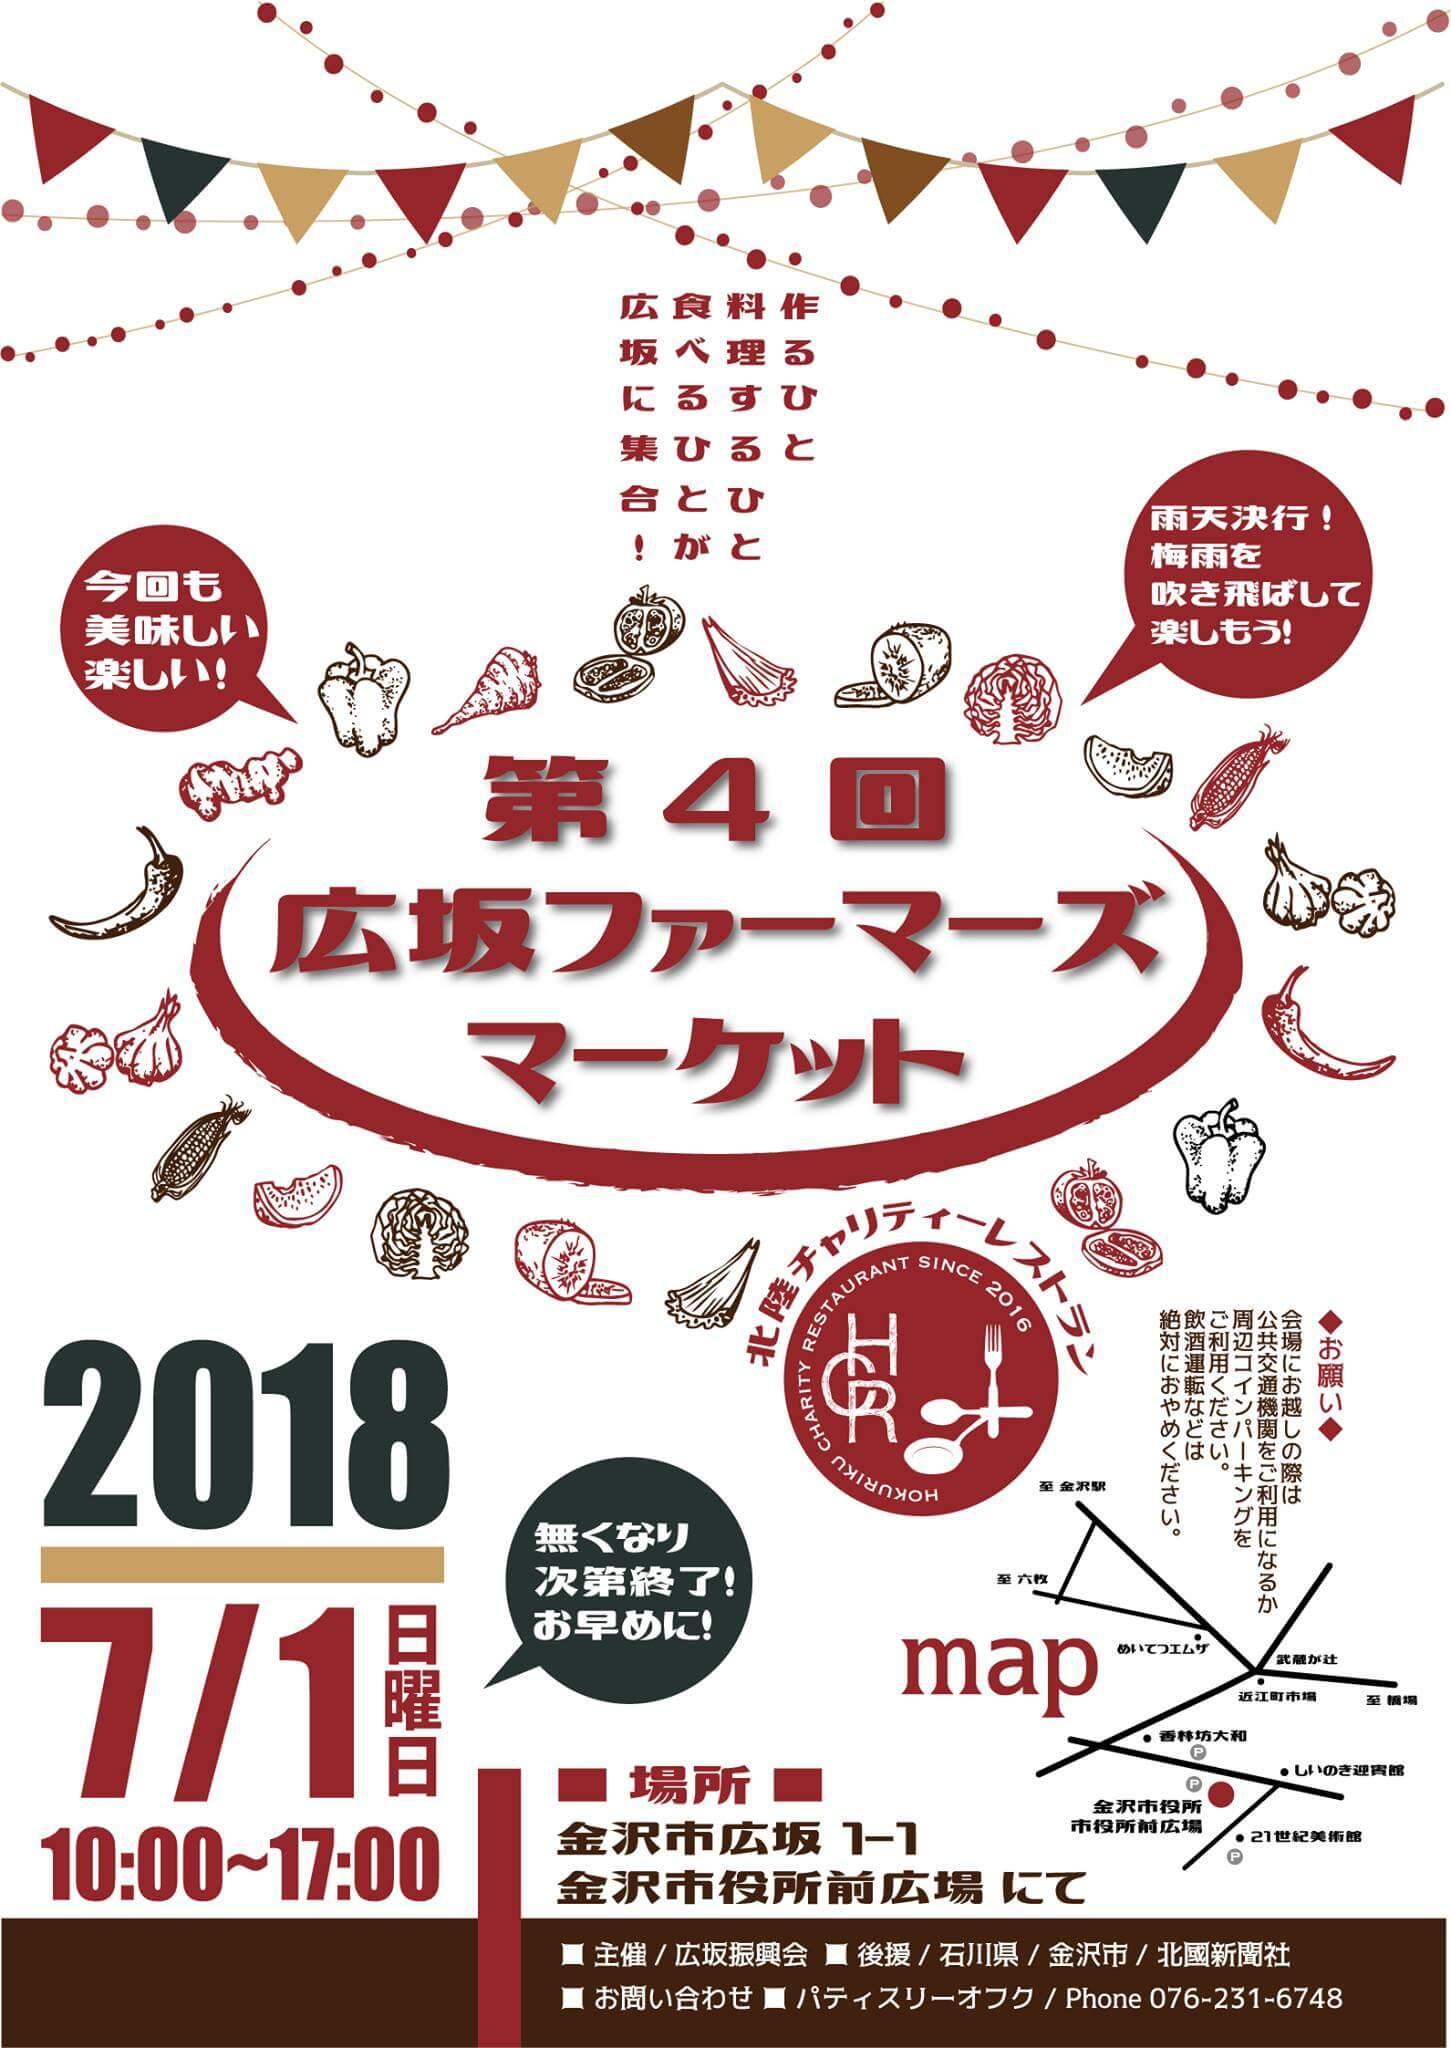 「 第4回 広坂ファーマーズマーケット 」7月1日開催!! 今年も美味しい!楽しいイベントがやってくる!!